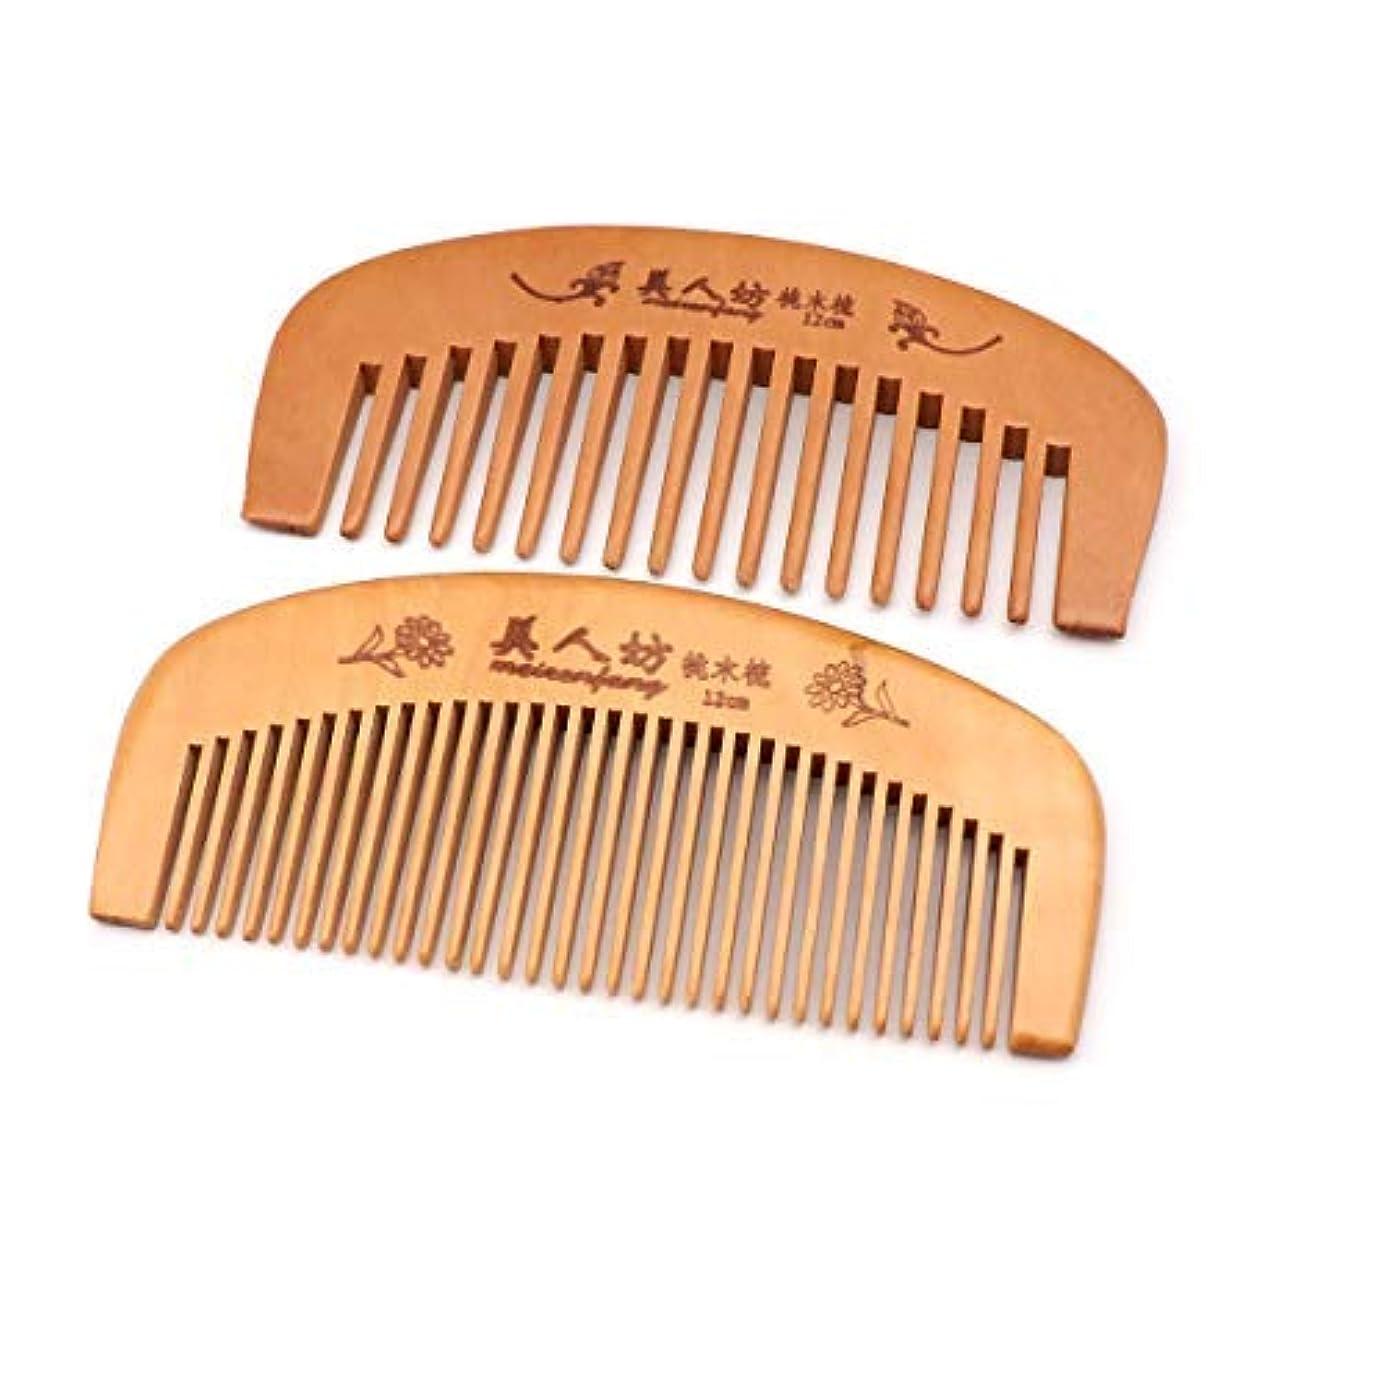 シャーロックホームズそばに実行Handmade Wooden Hair Comb for Curly Wide Toothed Wooden Comb, anti-Static and Barrier-free Hand Brushing Beard, hair, Suitable for Women, Male Static Natural Wood Sandalwood Comb (Short comb) [並行輸入品]